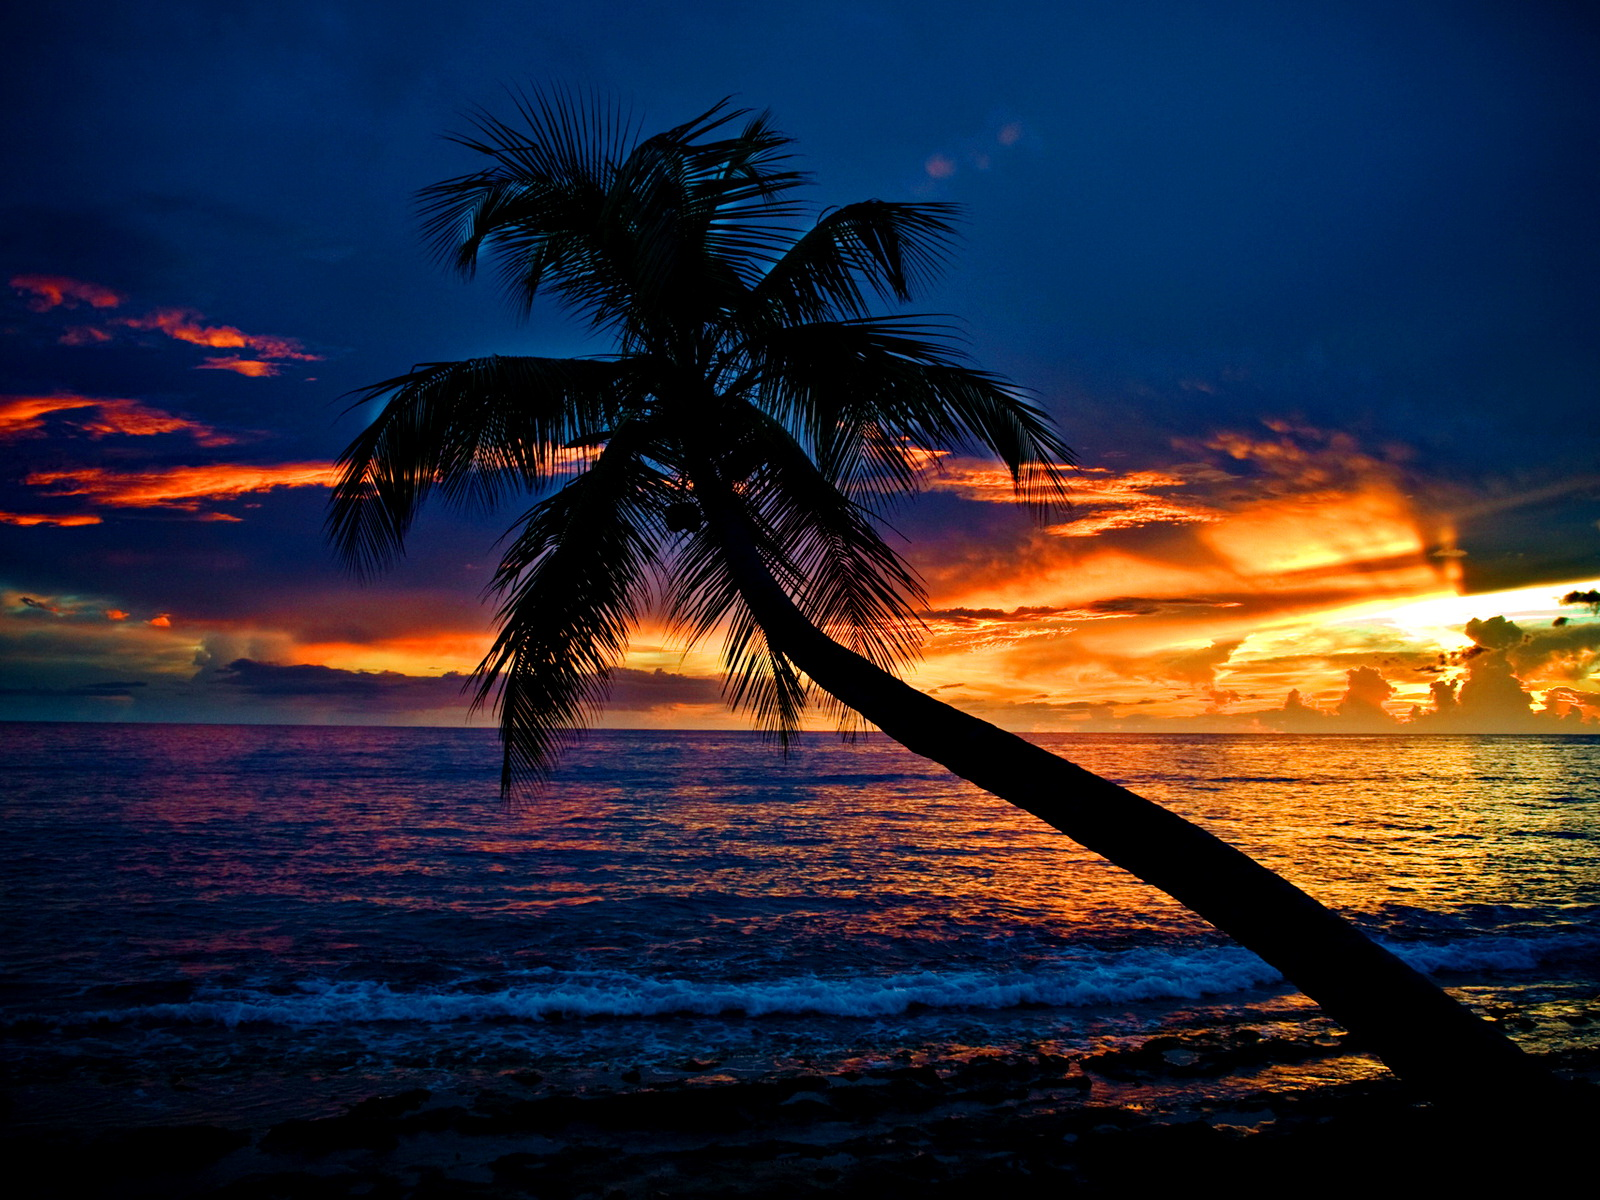 Guam Beaches Desktop Wallpaper - WallpaperSafari